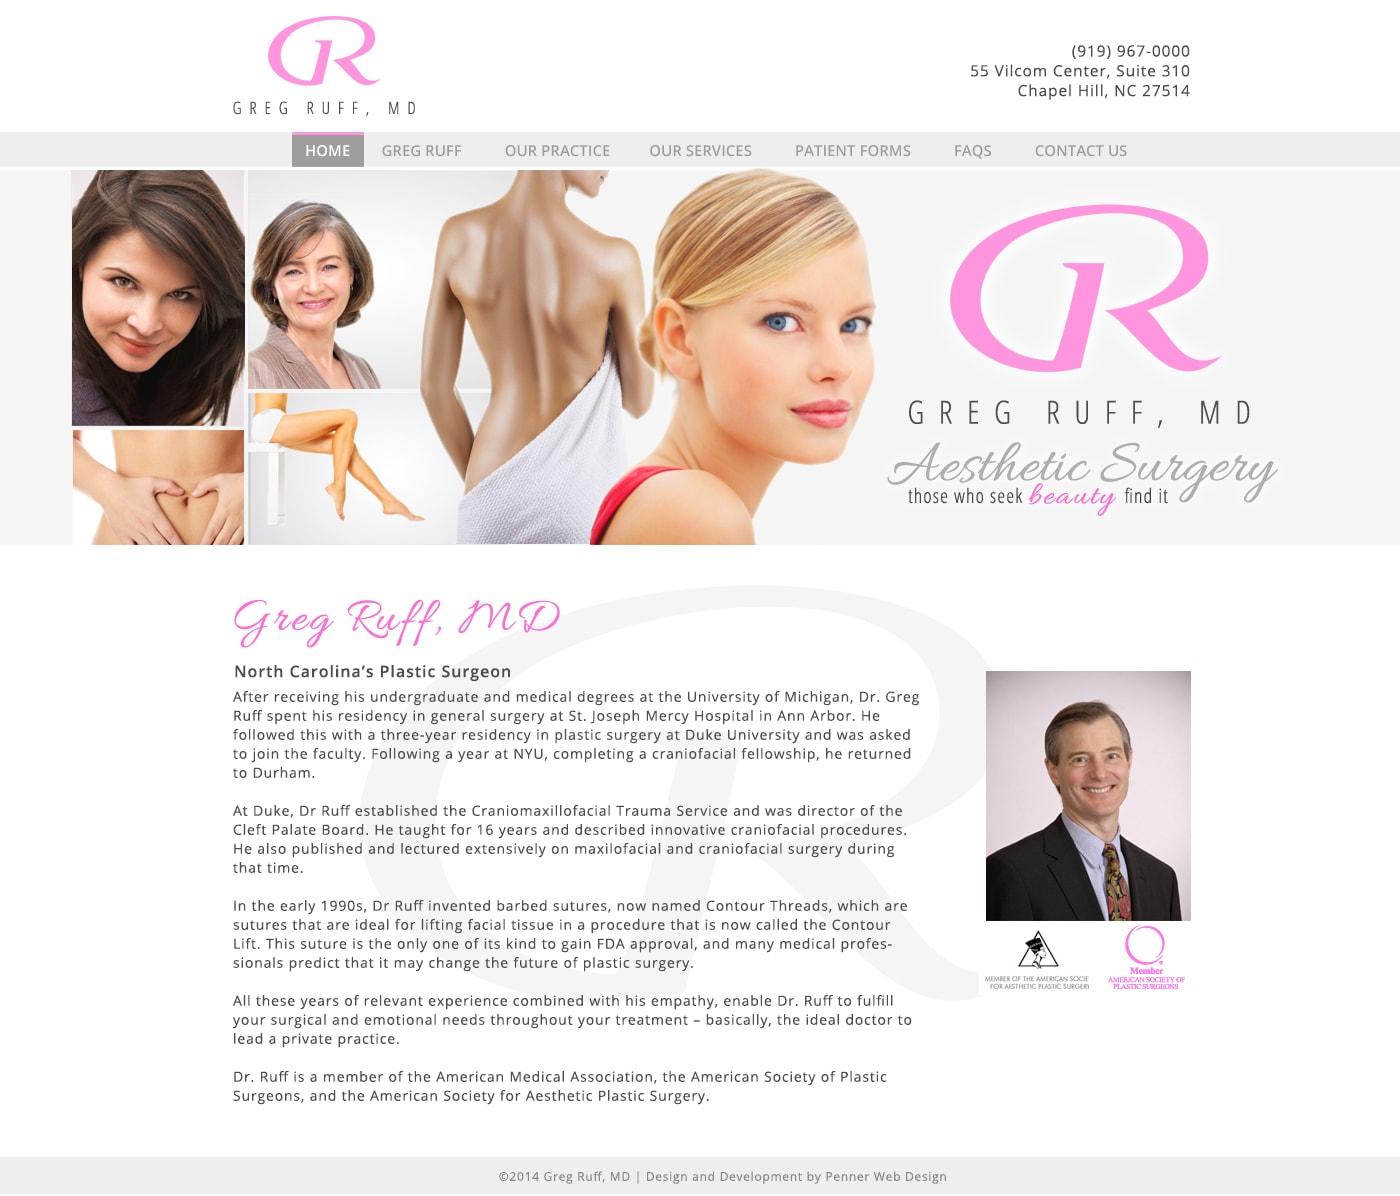 gregruffmd-website-design